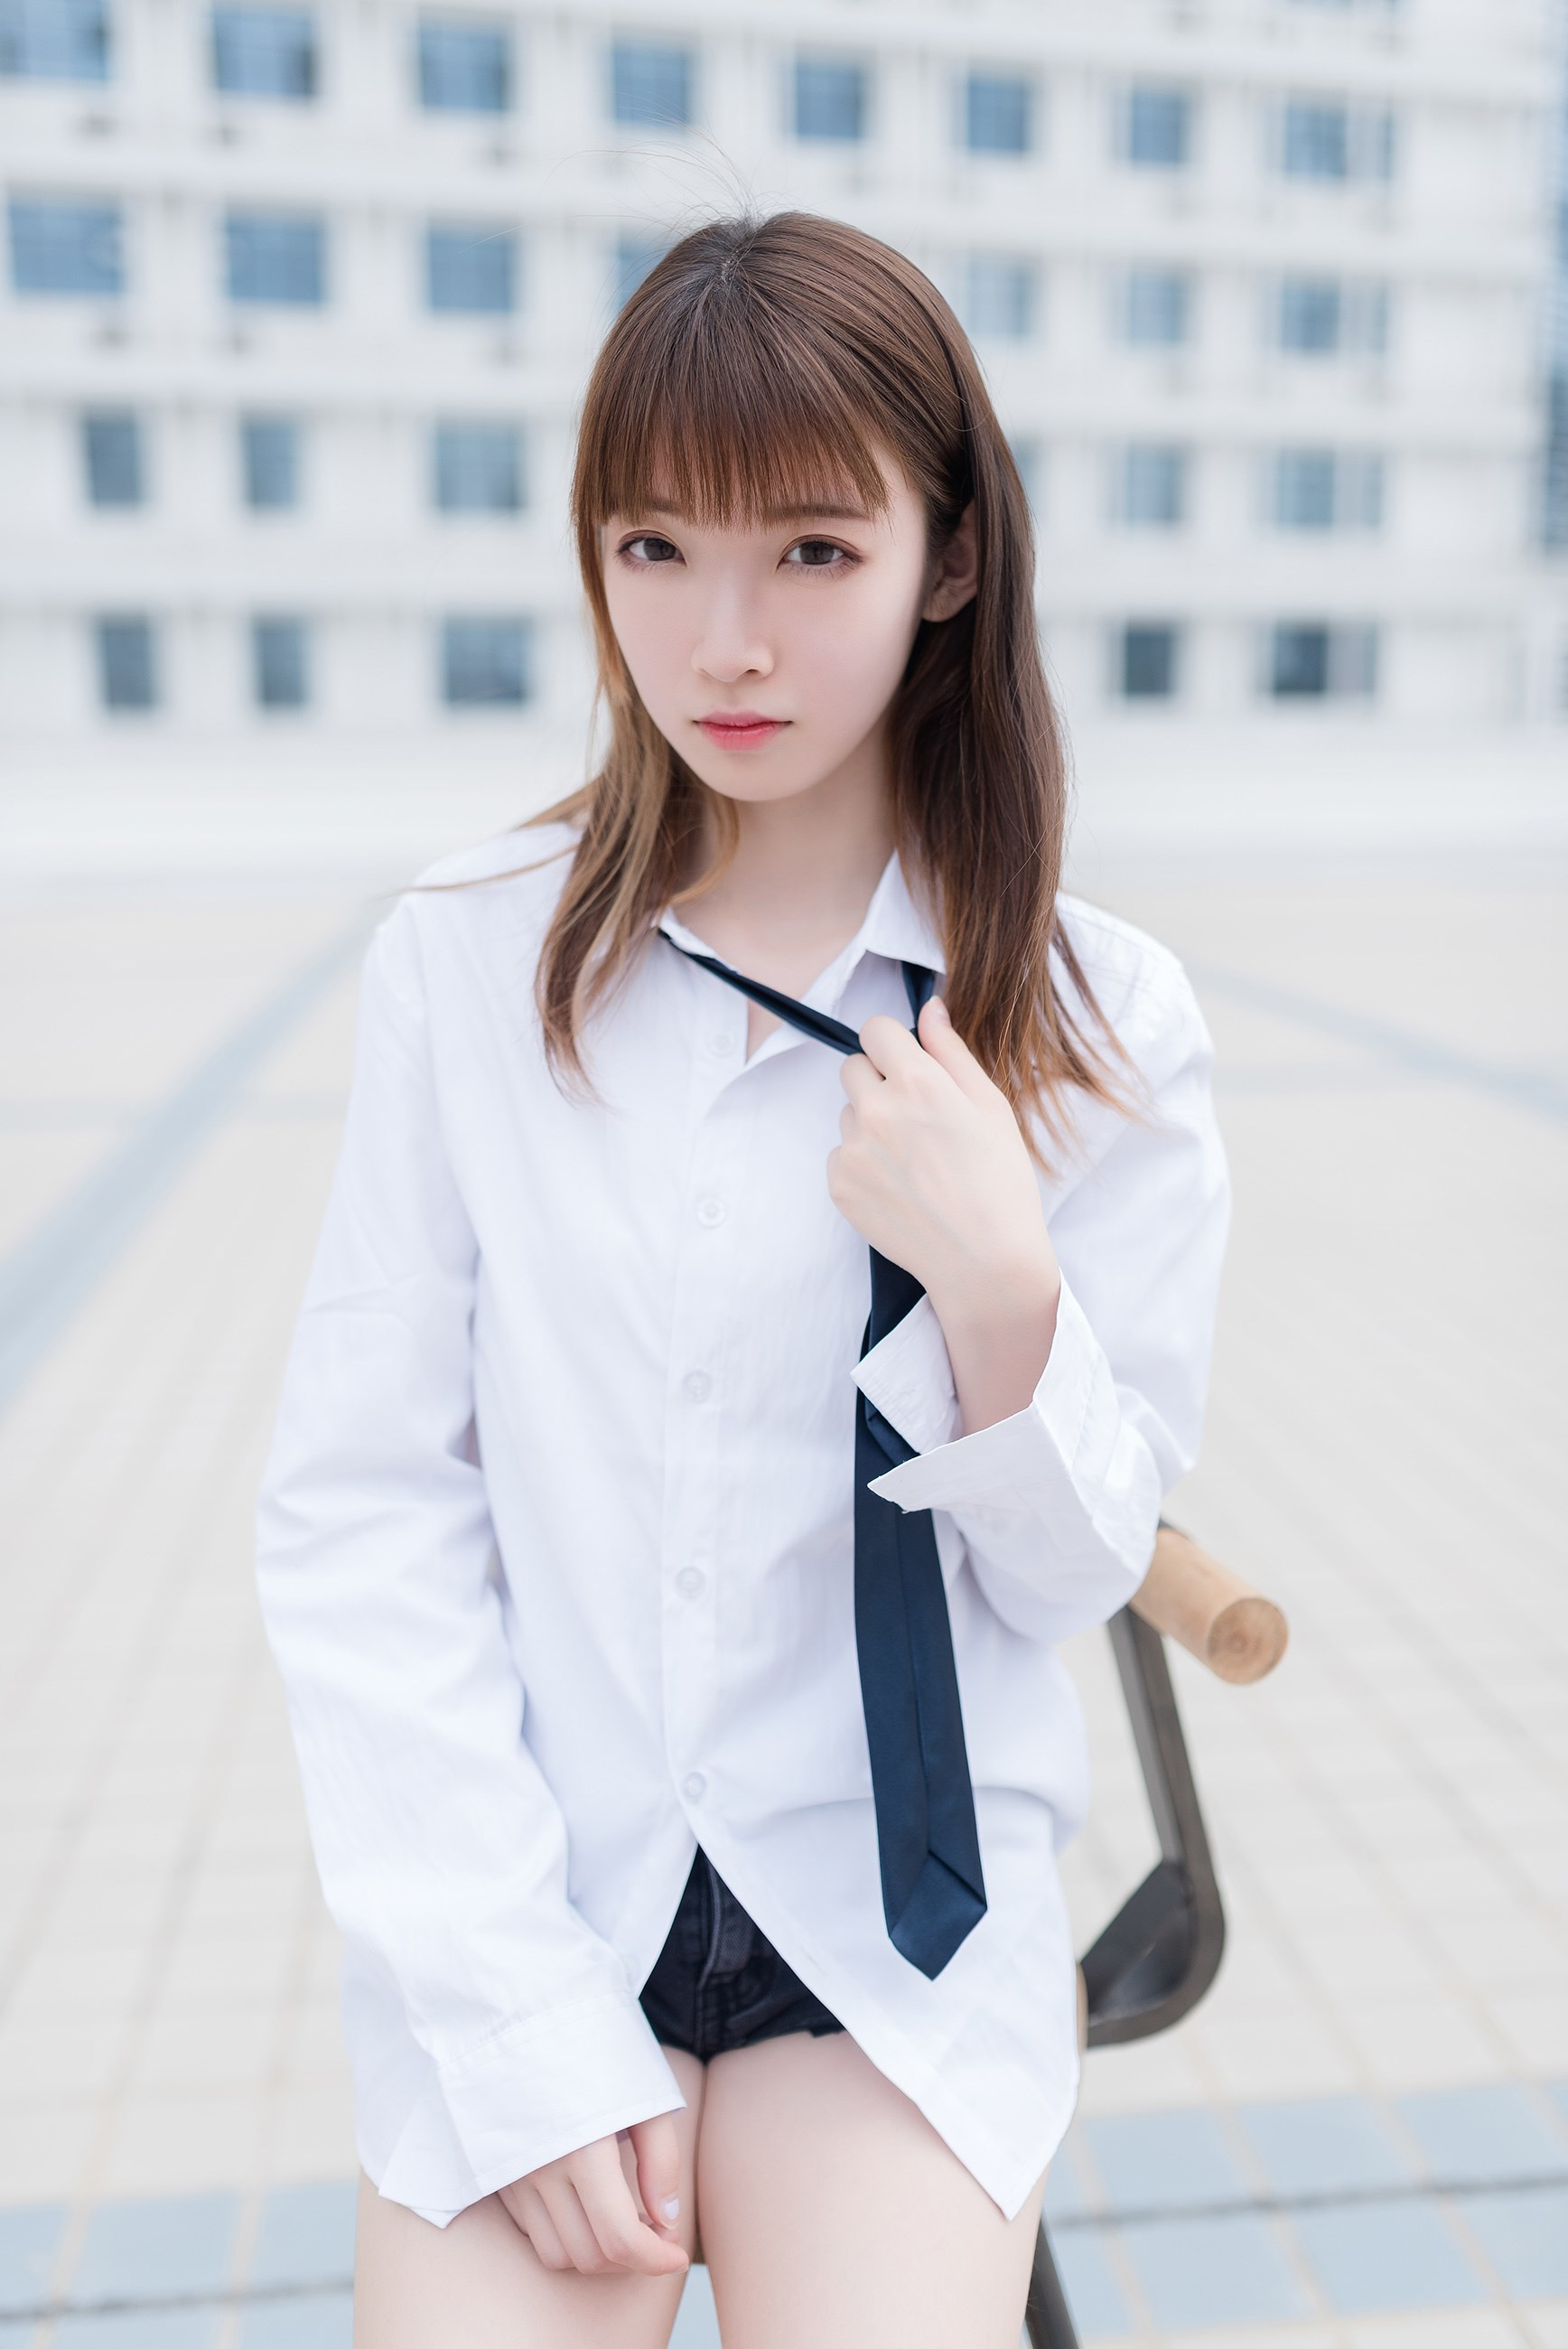 【兔玩映画】裸脚白衬衫 · 足控福利 兔玩映画 第42张